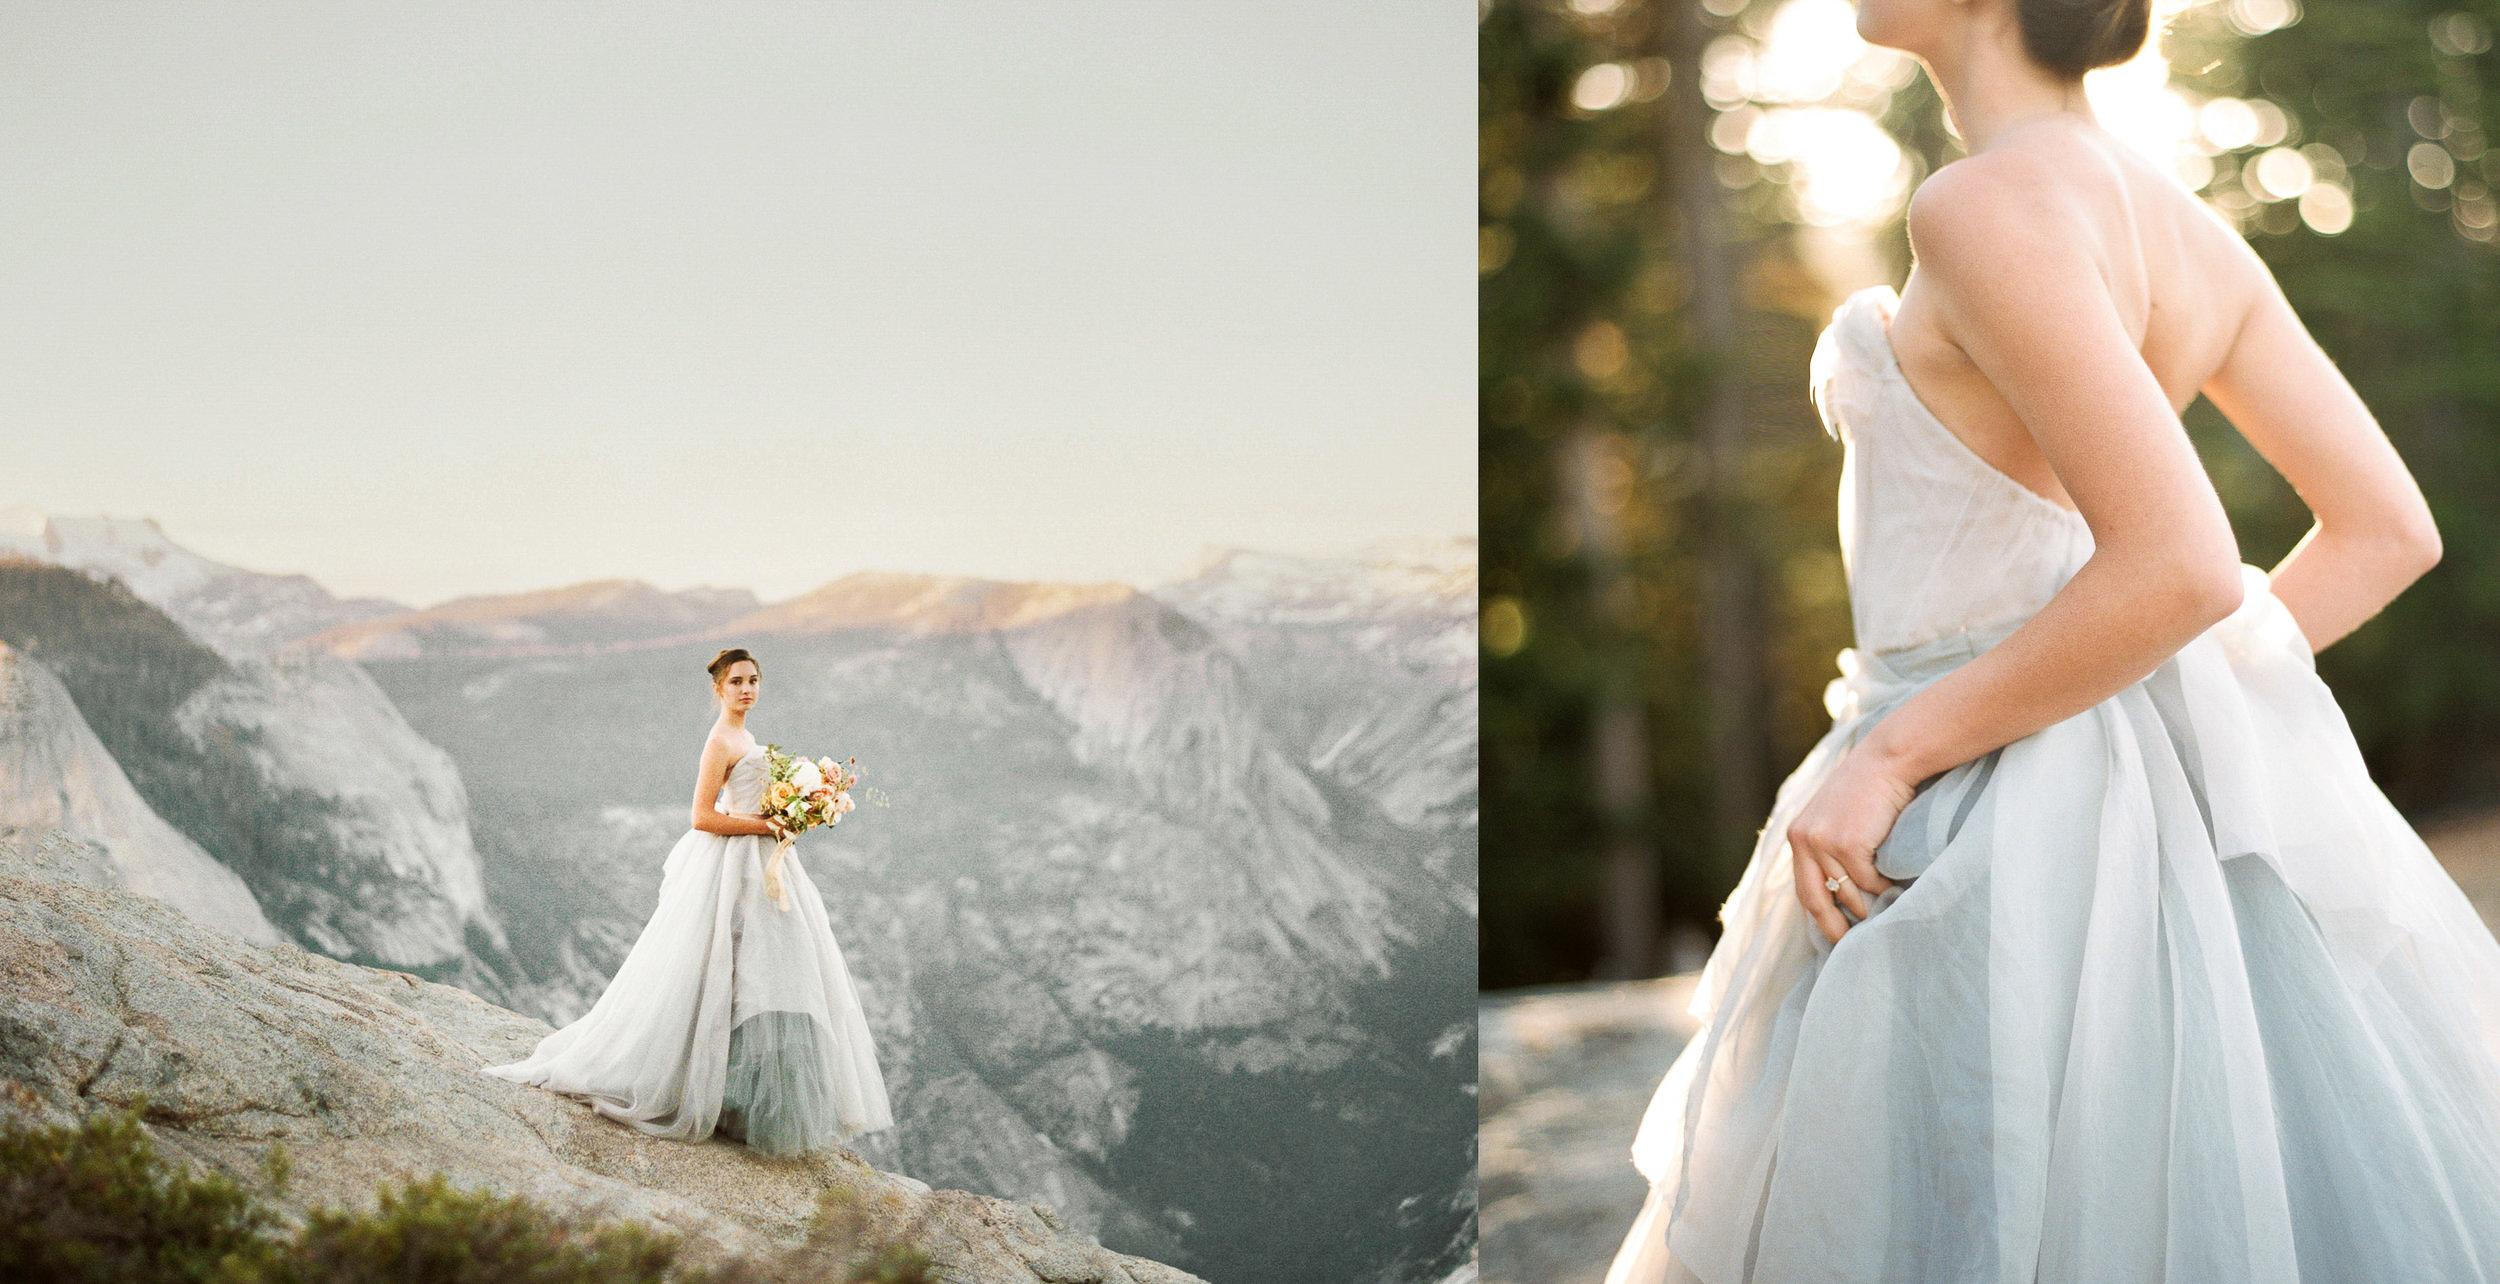 12_destination+worldwide+elopement+wedding+film+photographer+cinematographer_.jpg